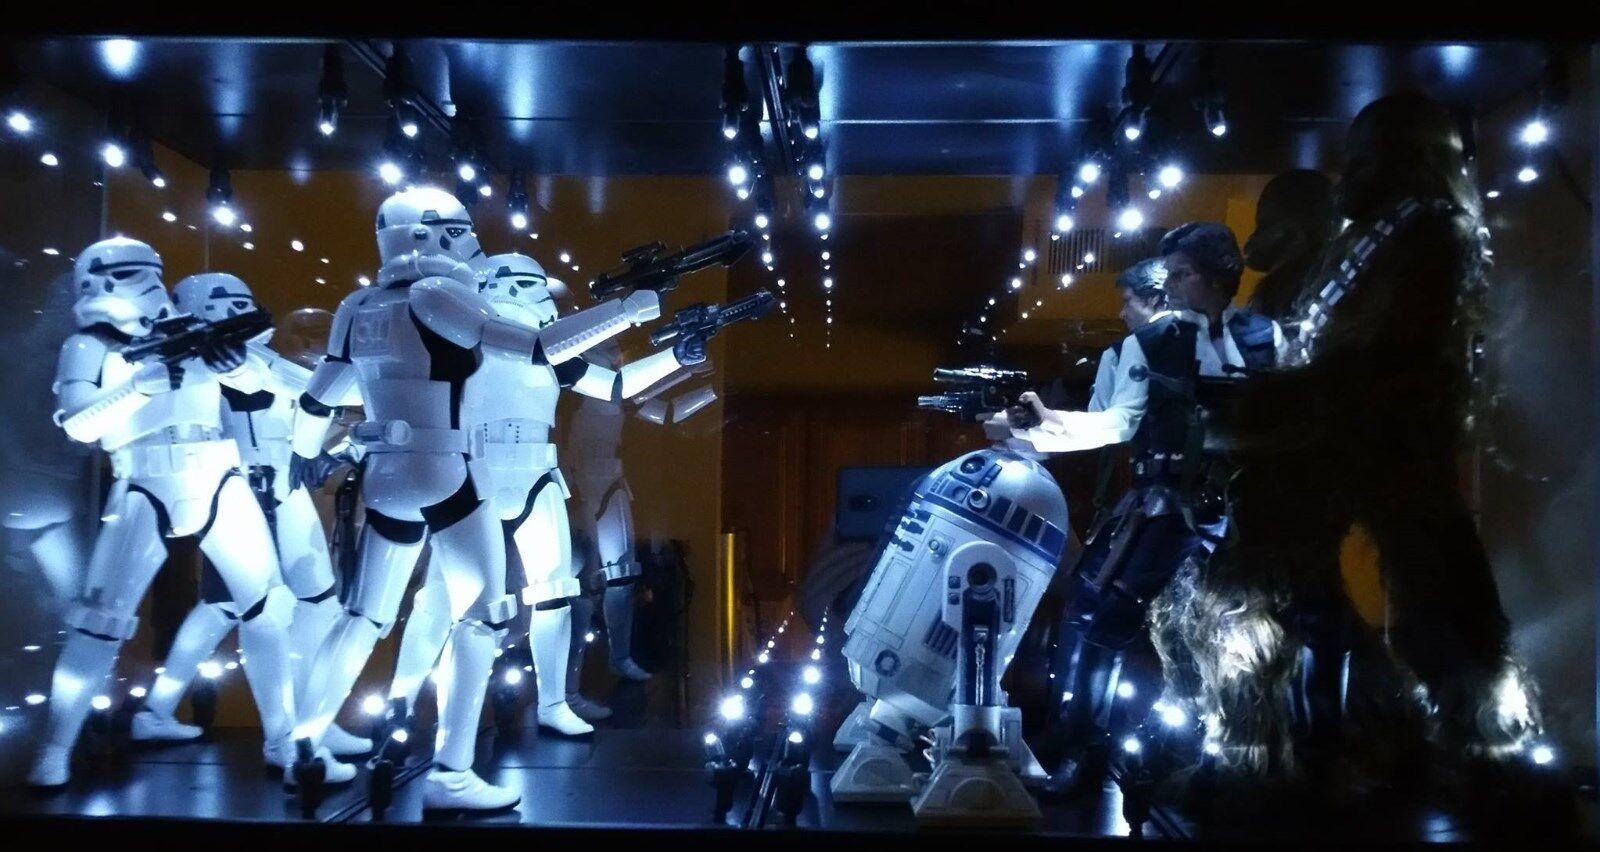 Affichage Acrylique Case DEL Boîte à  lumière pour 12  échelle 1 6th Hot Toys Star Wars Figure  juste l'acheter